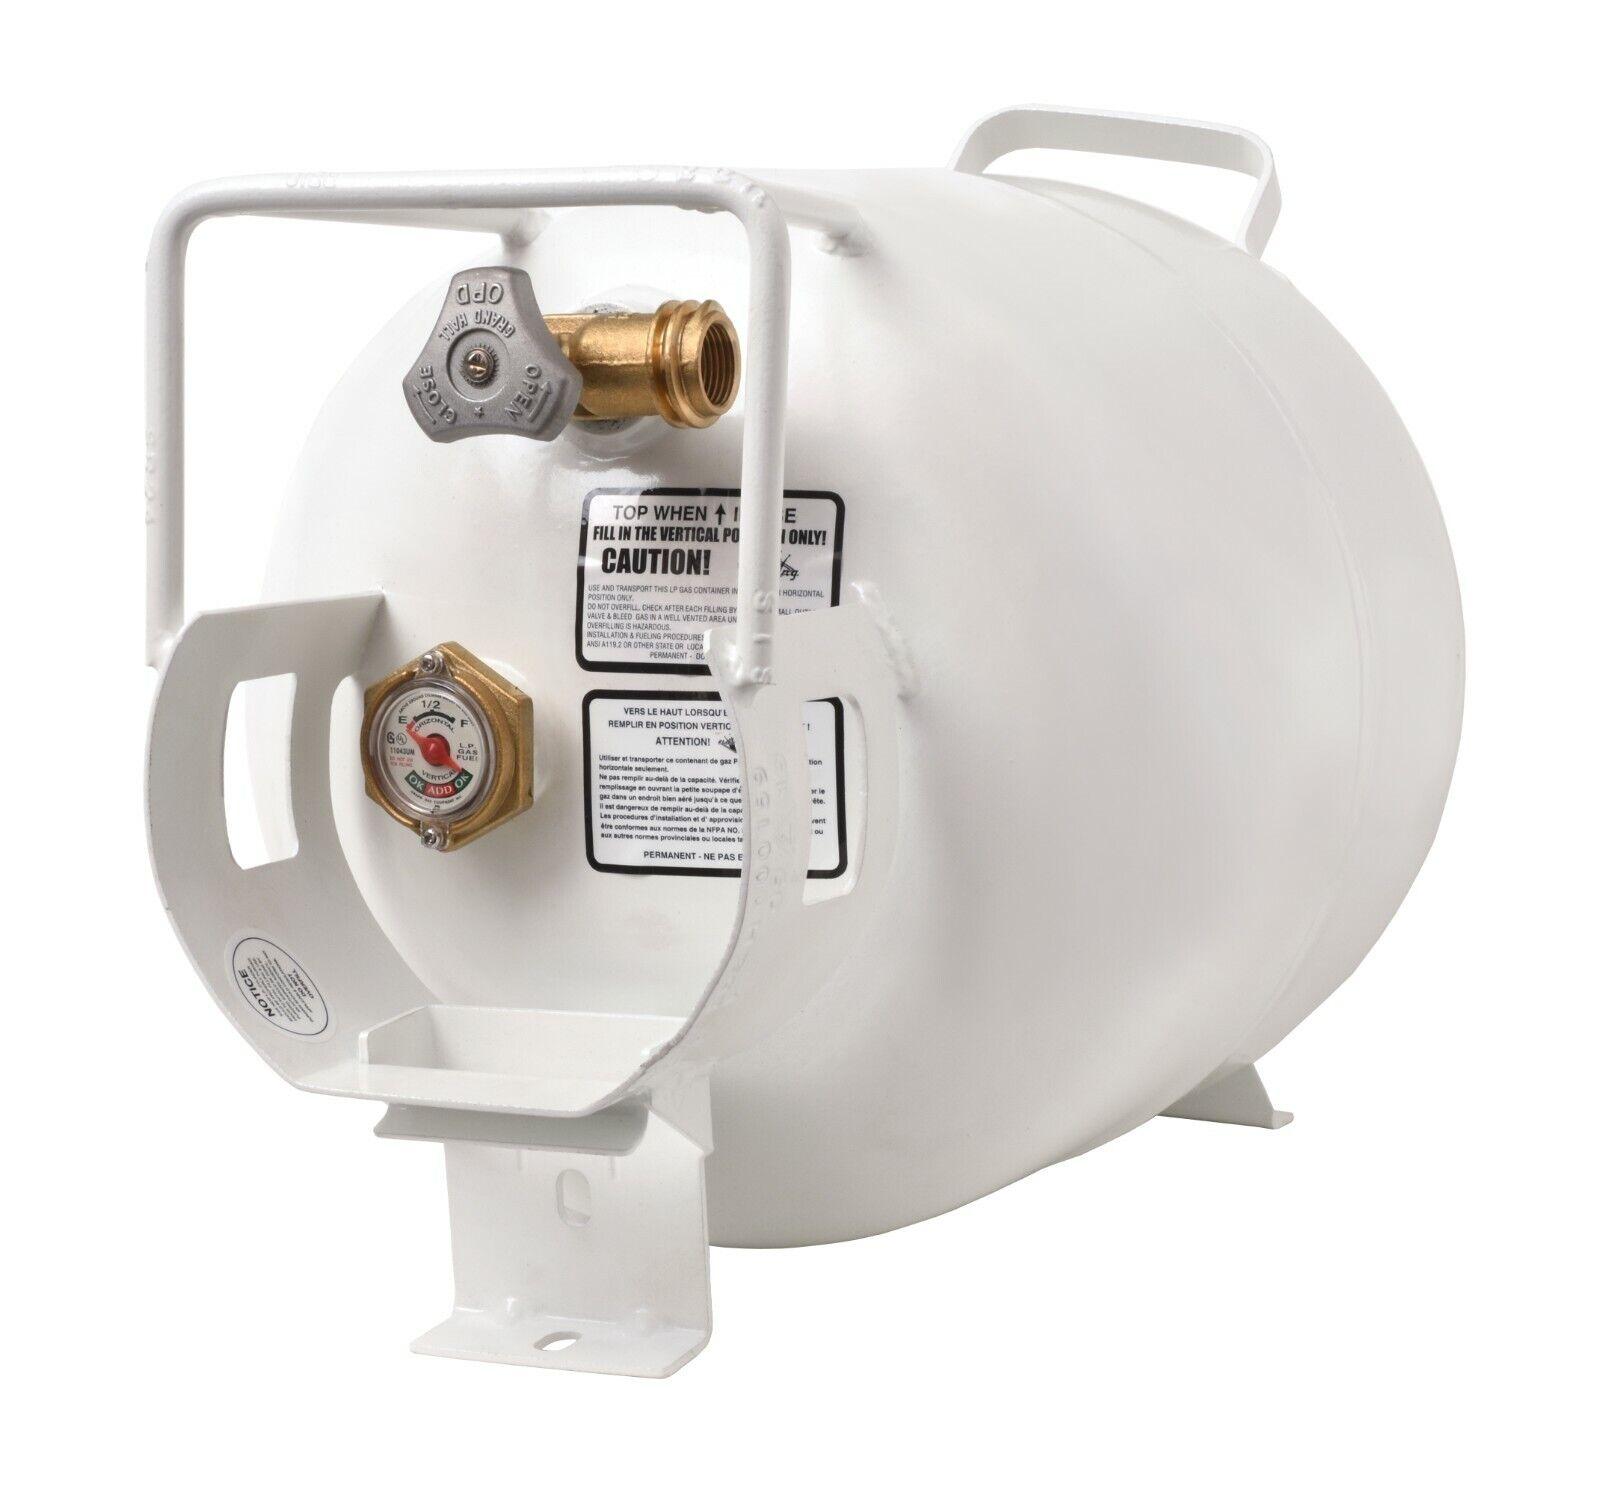 Flame King 40 Pound Steel Propane Tank Cylinder//Regulator//Mounting Rack Kit